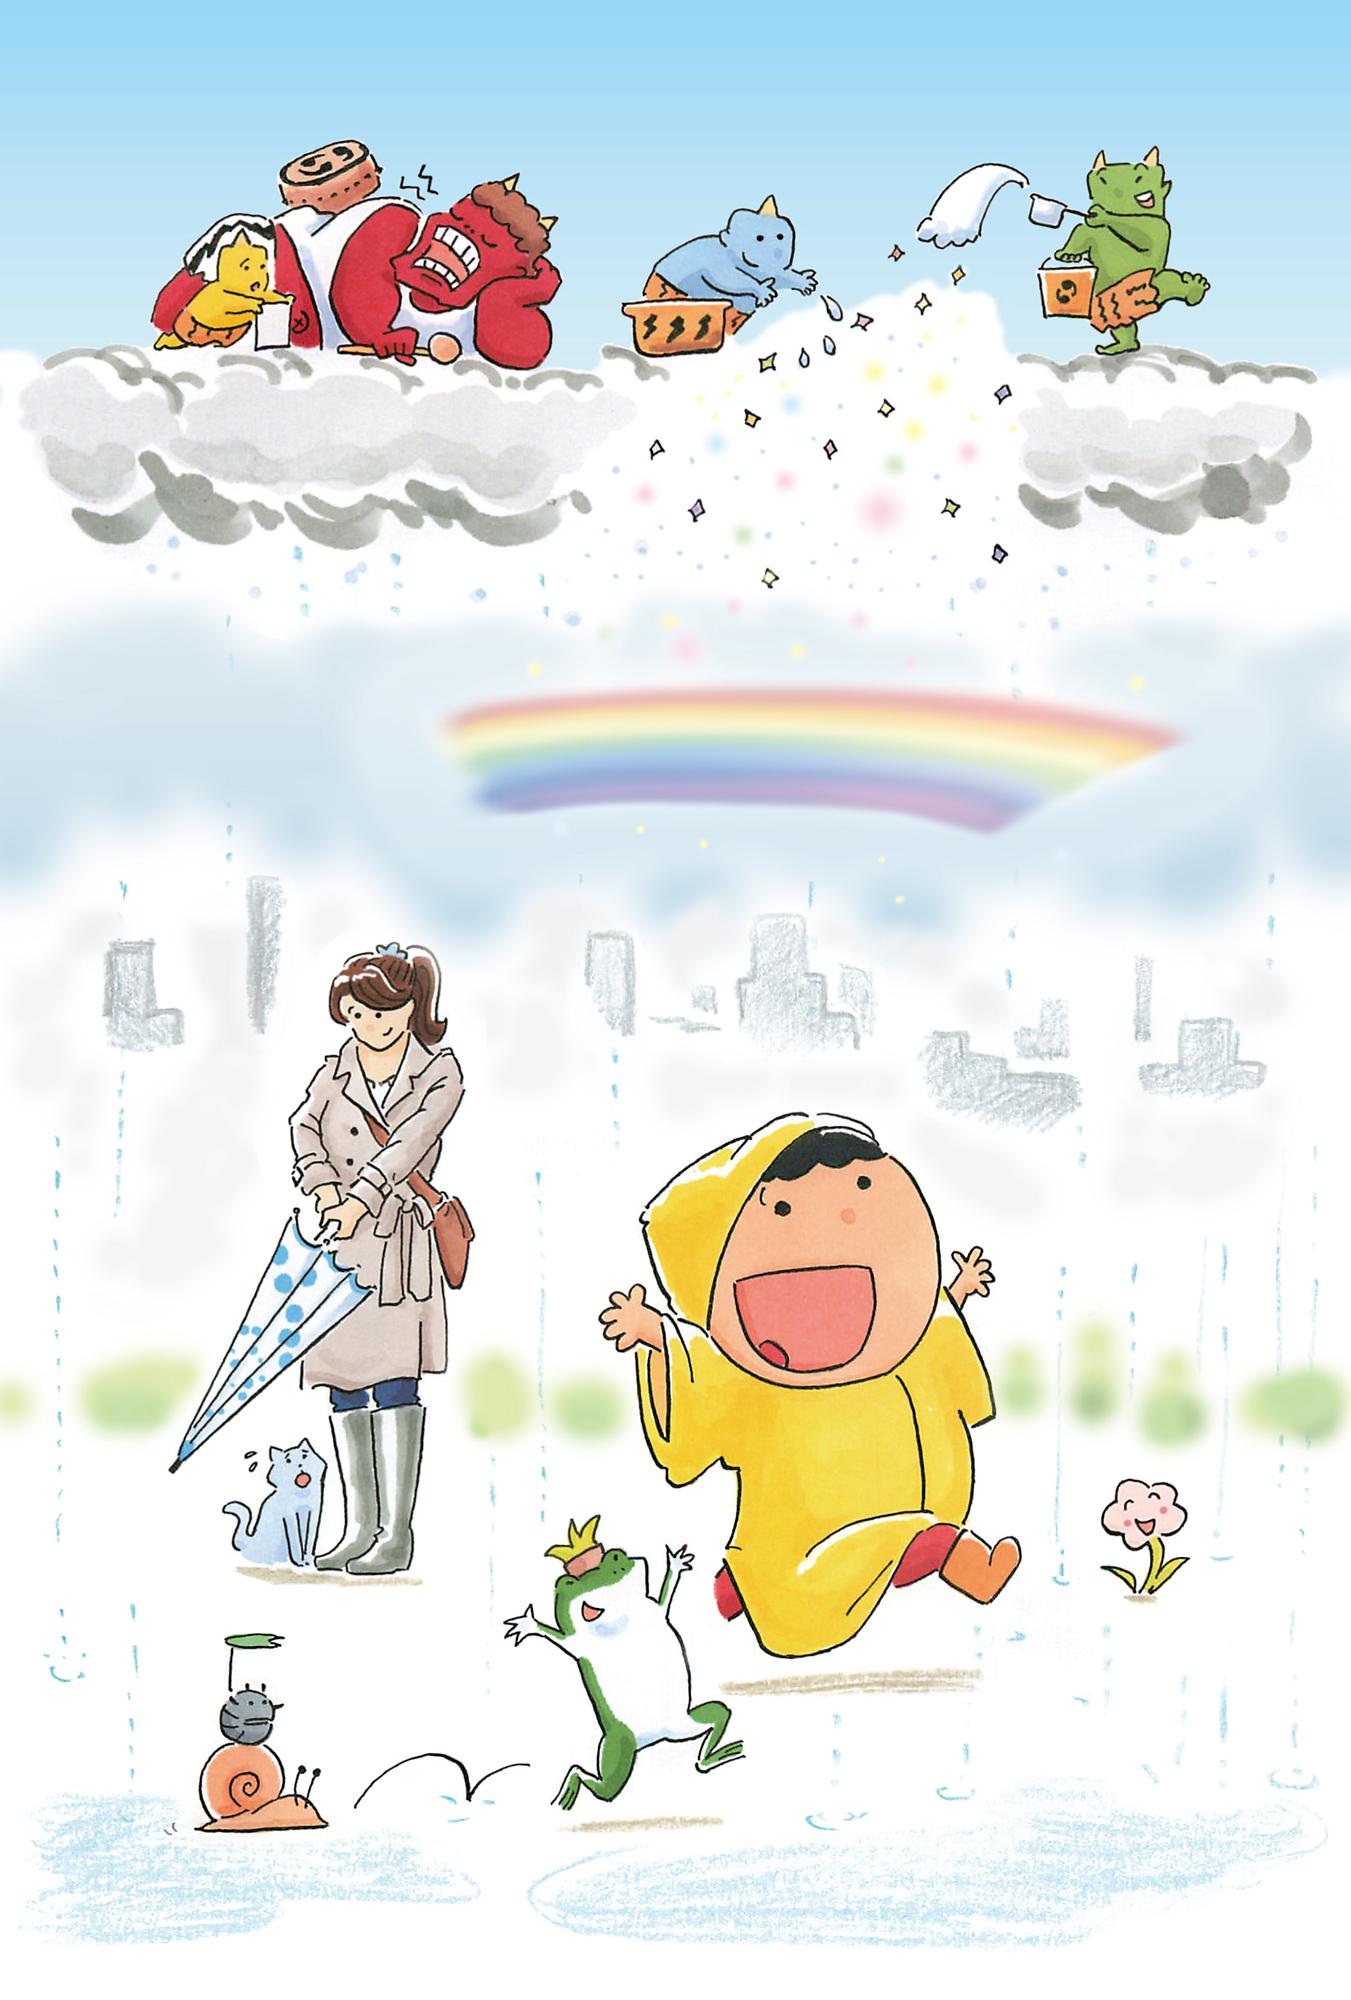 五月の雨はやさしい雨。カミナリ担当のお父さんは夏までおやすみです。